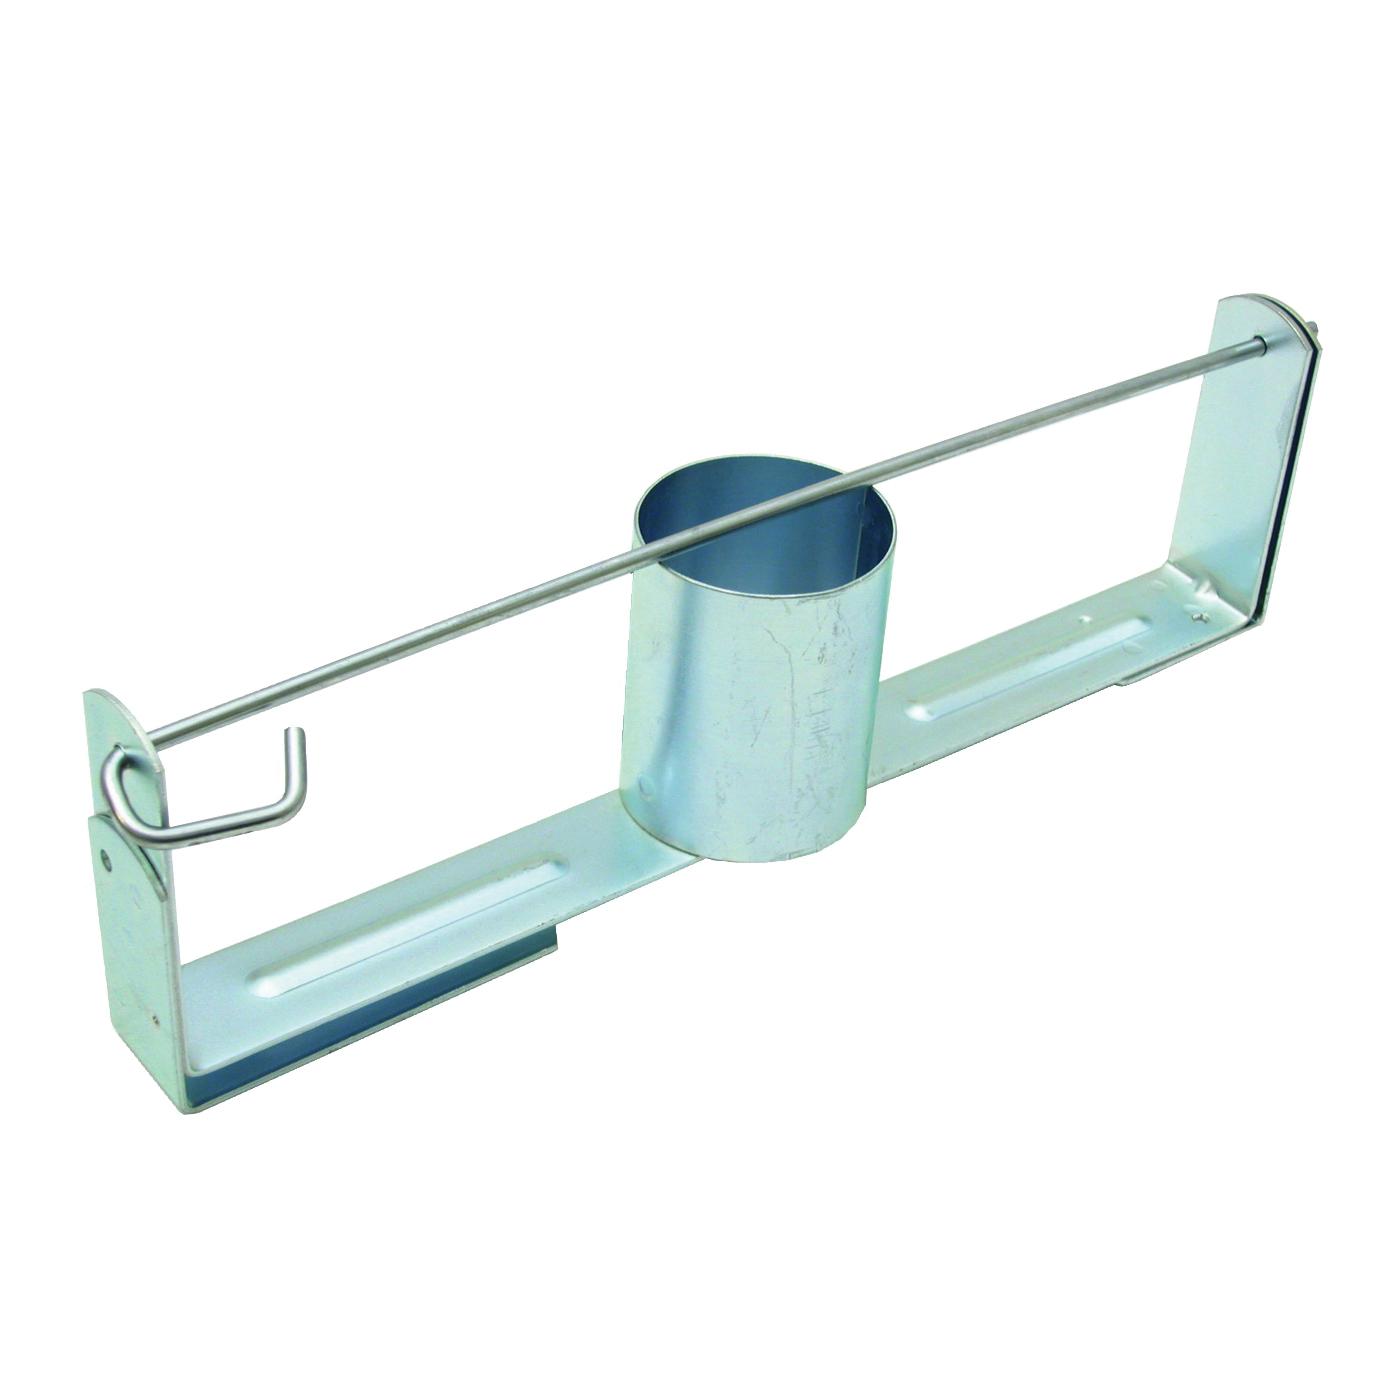 Picture of Marshalltown 31 Drywall Tape Reel, Steel Blade